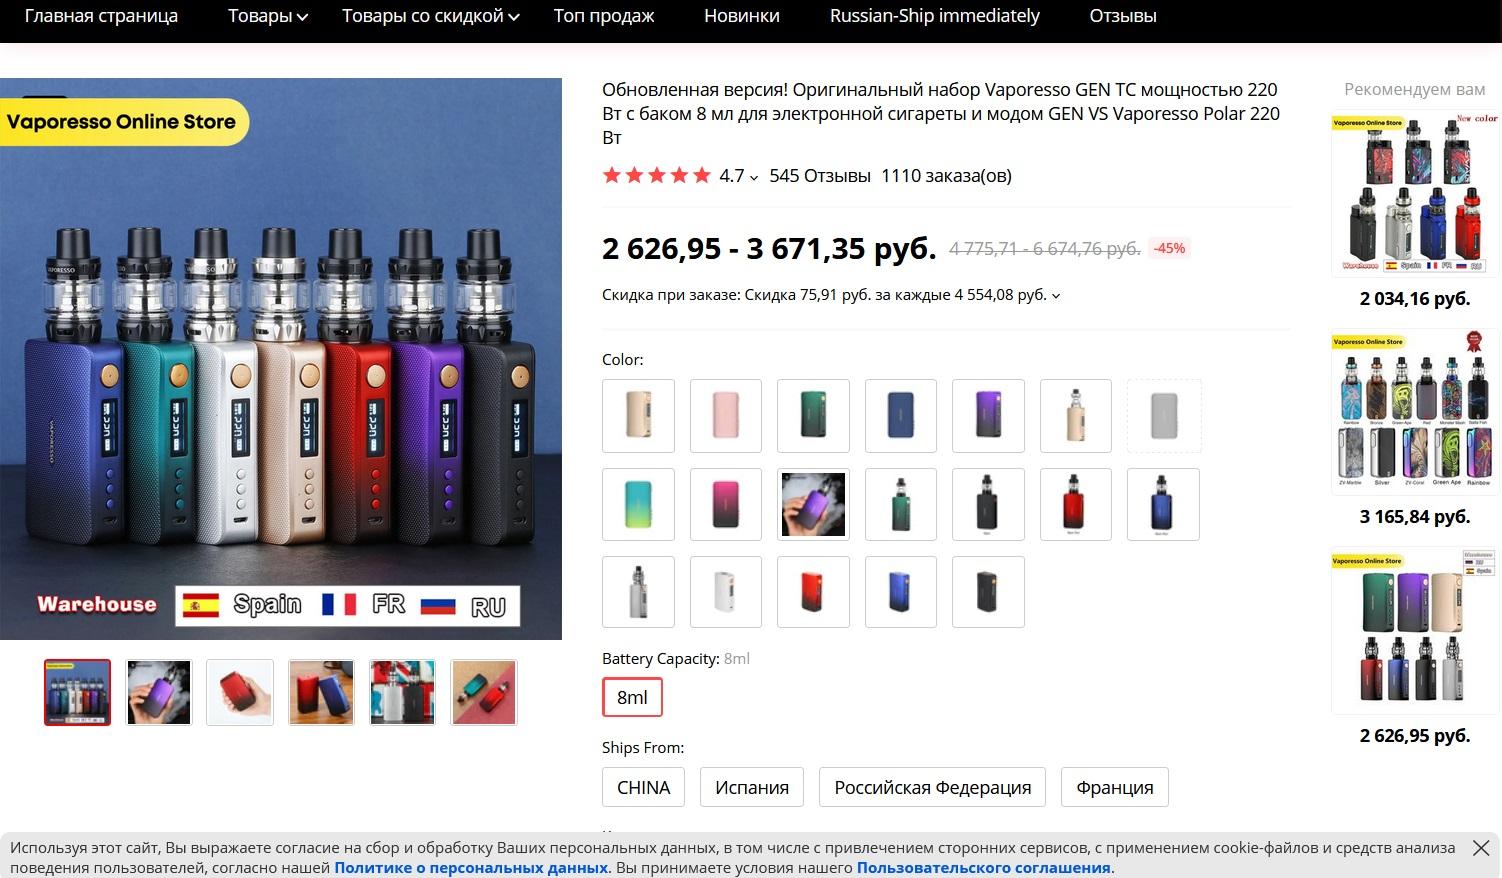 Вейп Vaporesso GEN Kit & Polar Kit